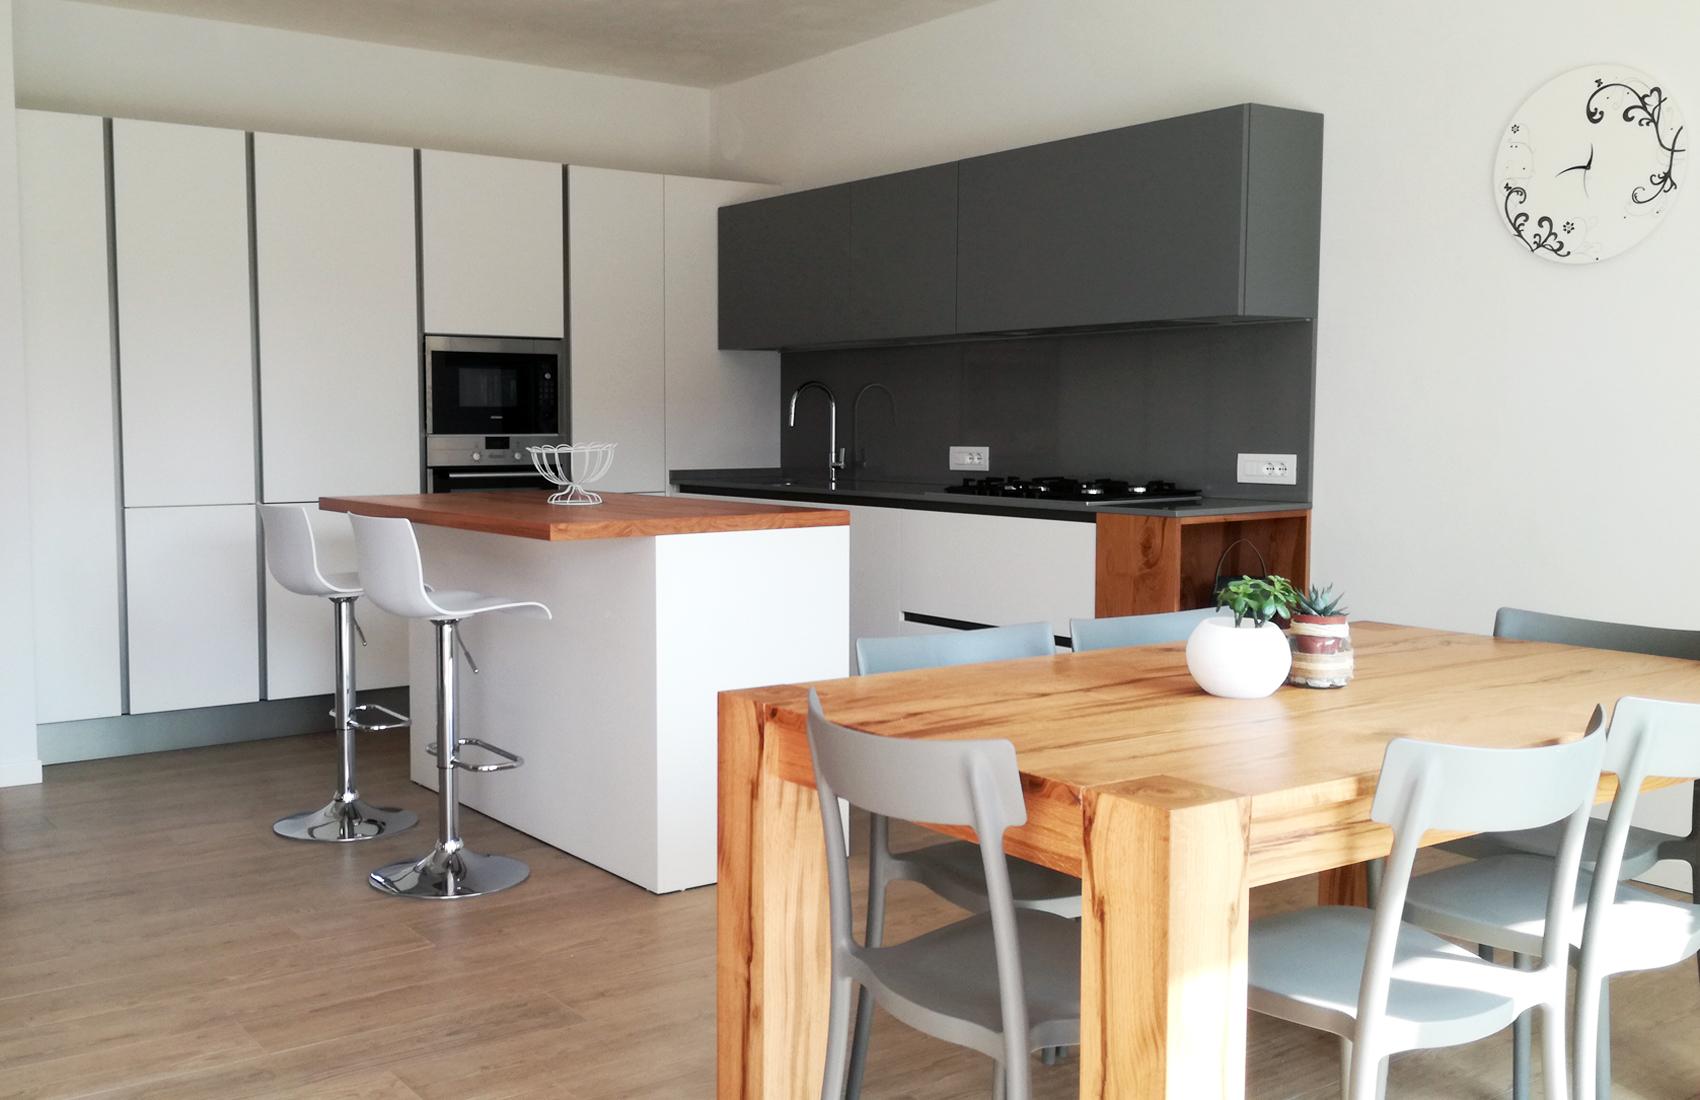 Cucine Bianco Grigio : Cucina laccata bianco e grigio con isola e parete colonne